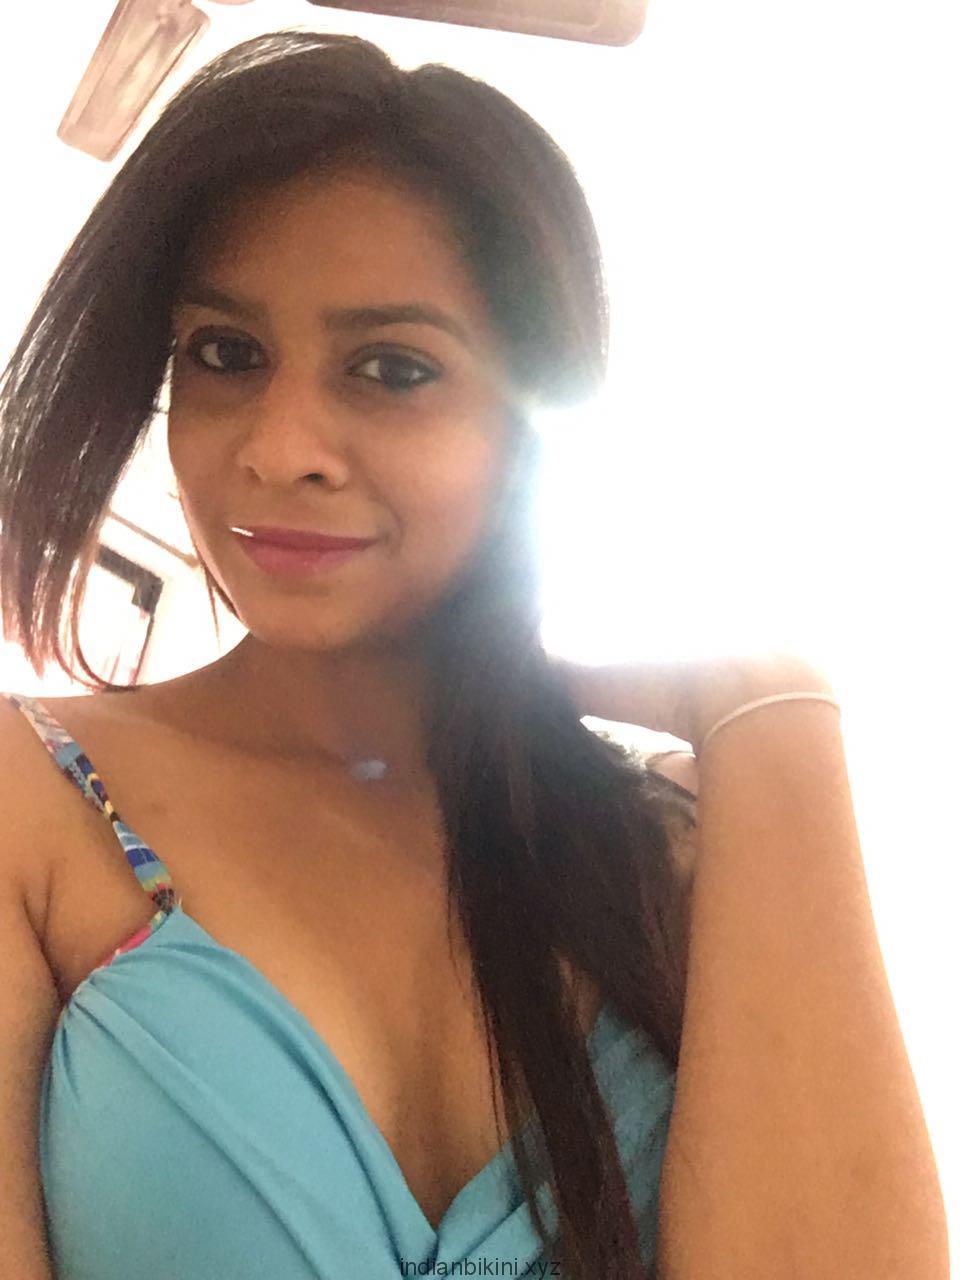 How to pose in a bikini? – By Ridhima